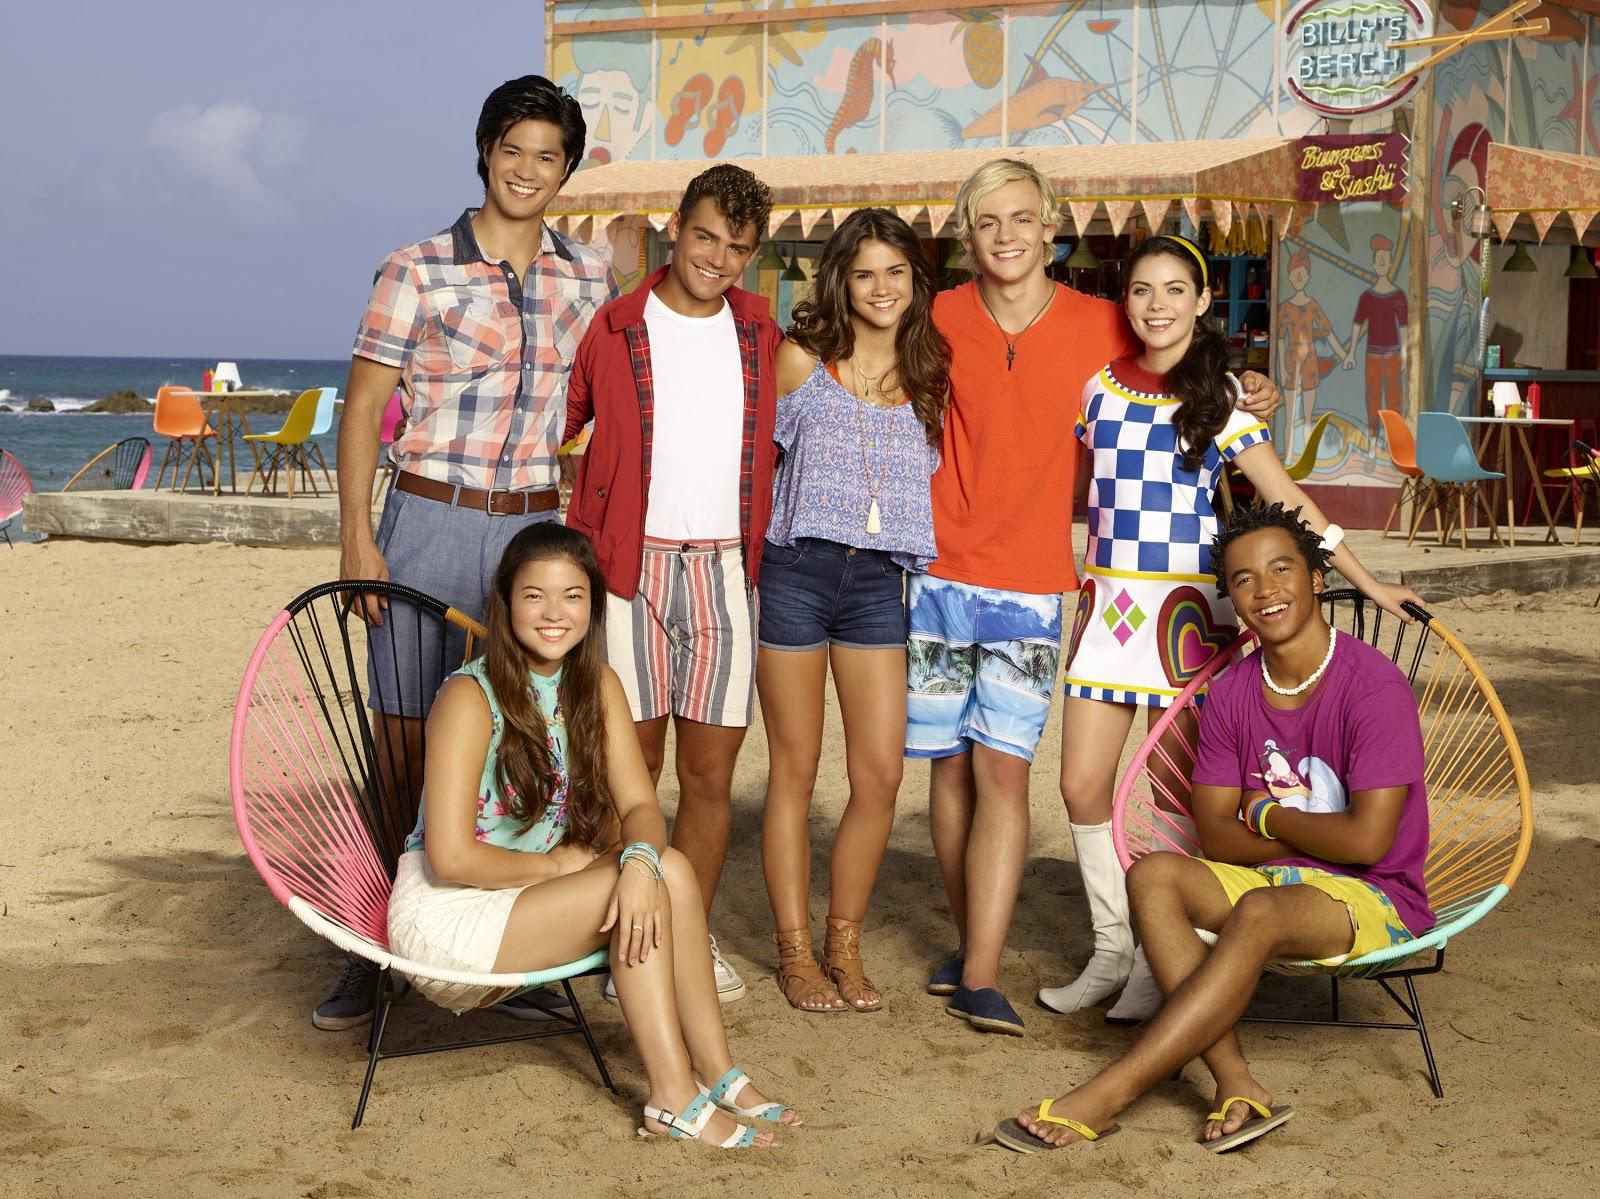 estreno de la pel u00edcula teen beach 2 - tvcinews